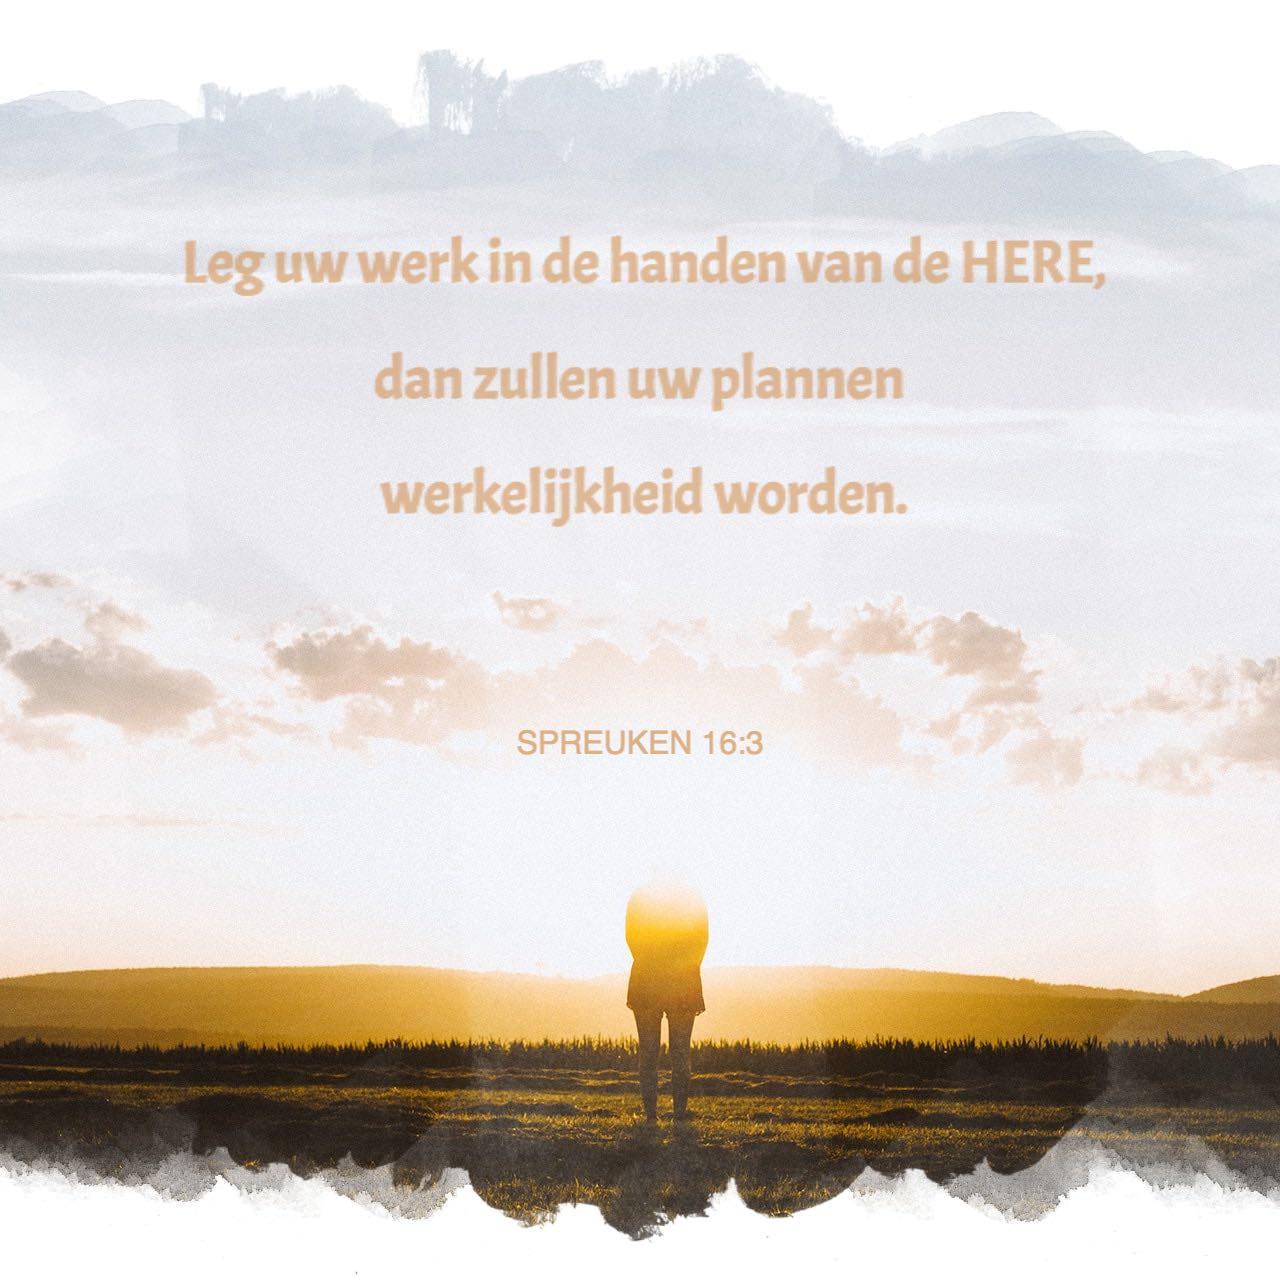 spreuken 16 3 Spreuken 16:3 Leg uw werk in de handen van de HERE, dan zullen uw  spreuken 16 3